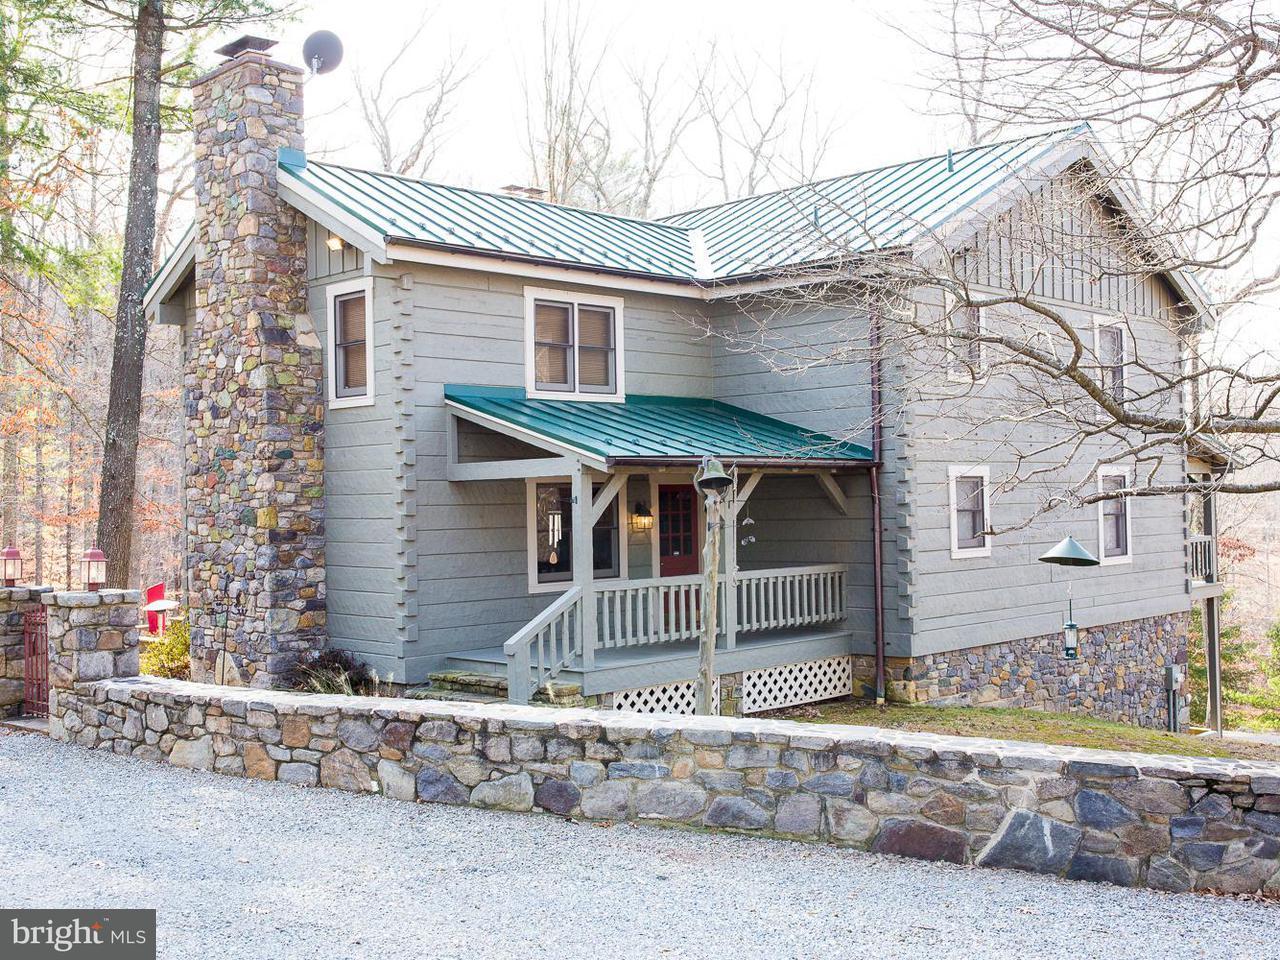 独户住宅 为 销售 在 3811 Ebenezer Road 3811 Ebenezer Road Bluemont, 弗吉尼亚州 20135 美国